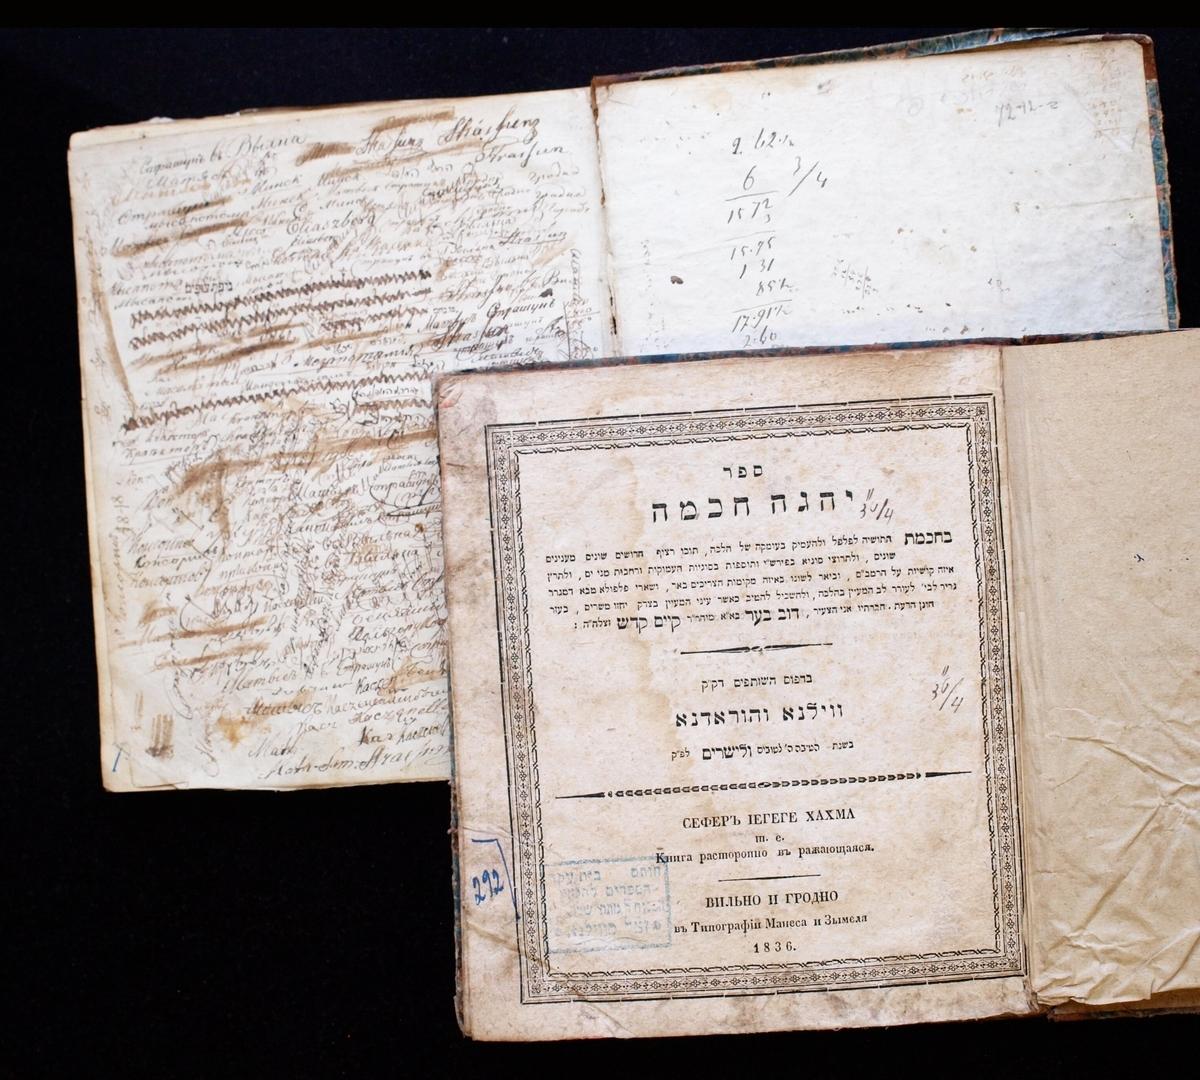 """Dvi knygos, Mato Strašuno paveldėtos iš tėvo Samuelio Strašuno:  <br /> Doveris Šteinaizenas. """"Yehege khokhma"""" (hebr. Išminties žodžiai). Vilnius ir Gardinas, Maneso Romo ir Zimelio Nachimovičiaus spaustuvė, 1836; """"Midrash tanaim"""" (hebr. Senovės išminčių sakmės). <br /> Vilnius, Maneso Romo ir Zimelio Nachimovičiaus spaustuvė, 1838. <br /> Knygų priešlapiuose - tėvo ir sūnaus Strašunų autografai."""